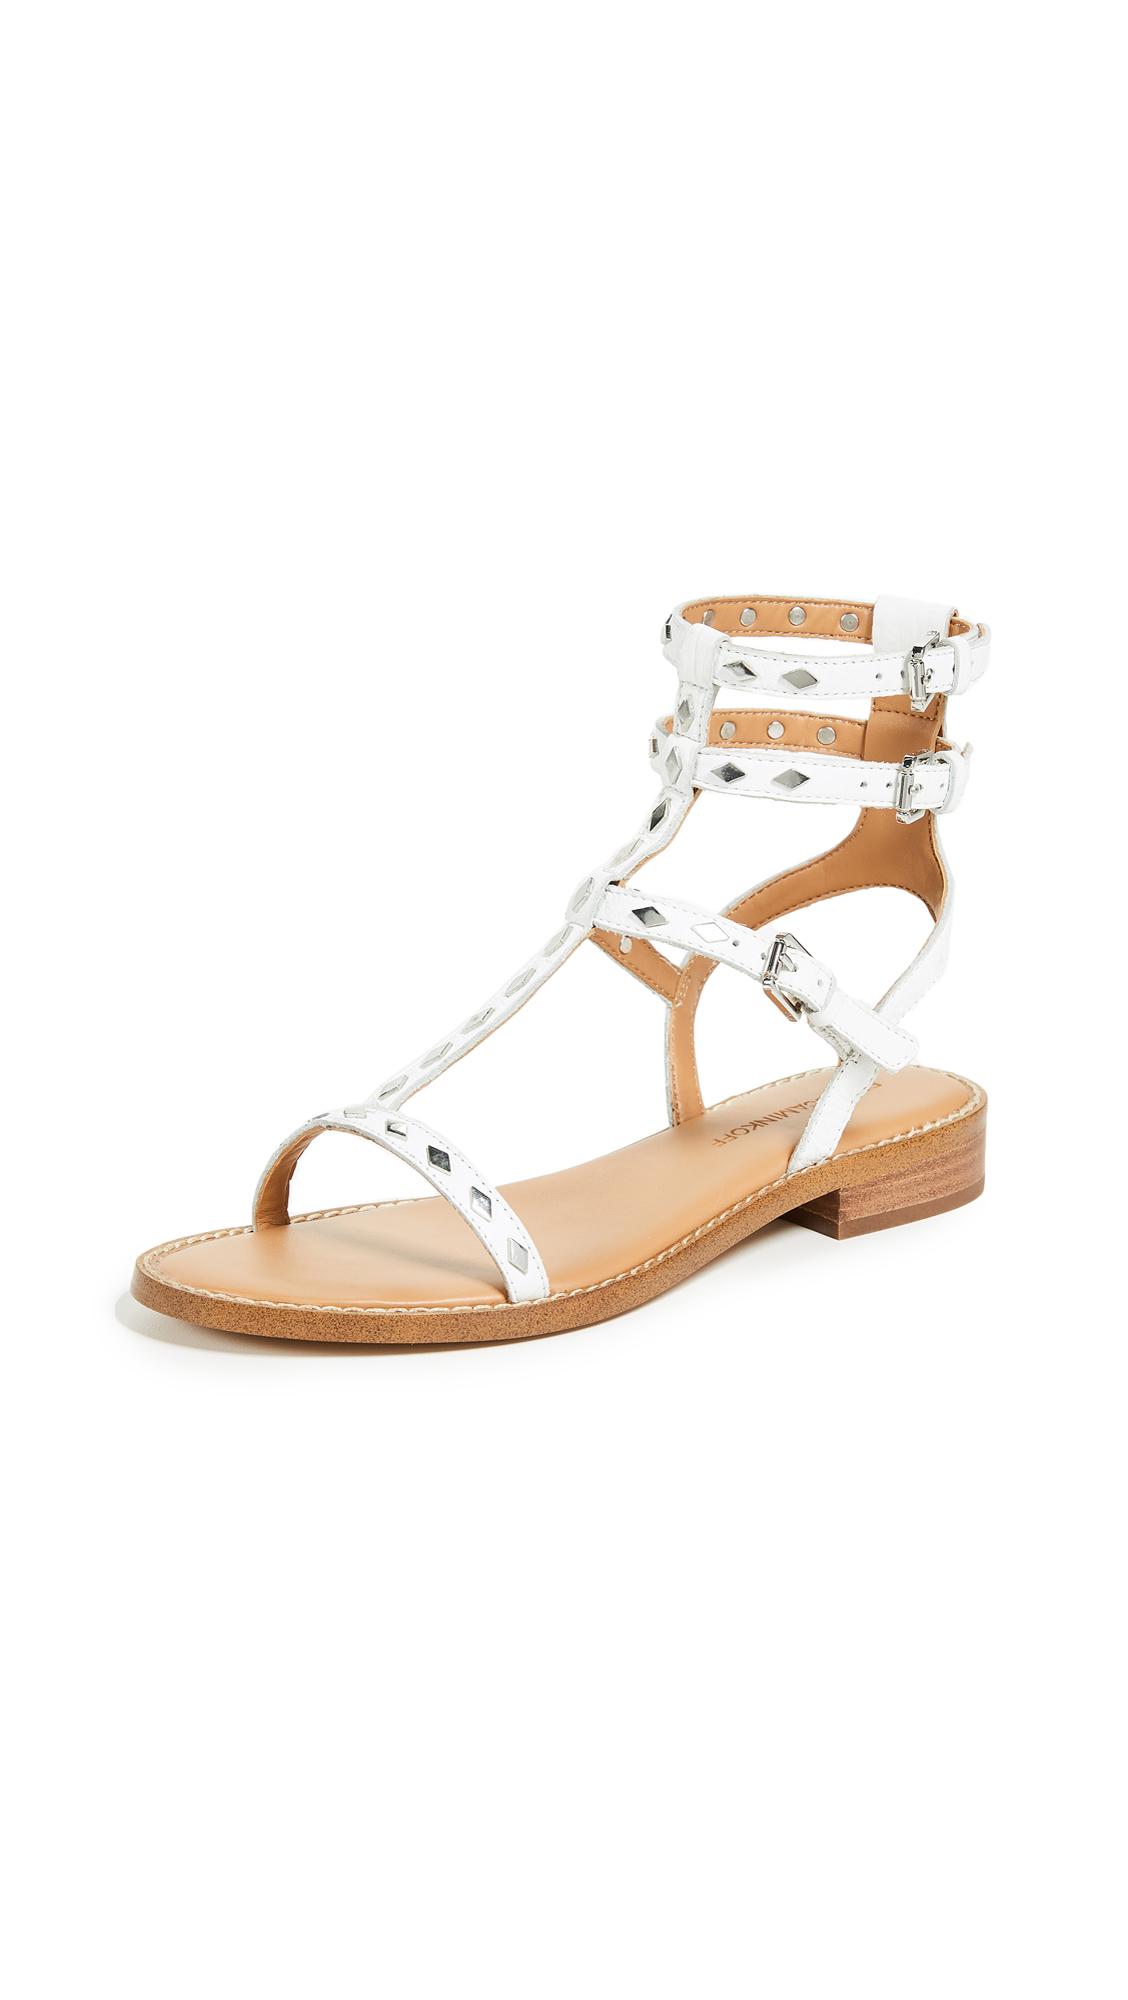 Rebecca Minkoff Arella Strappy Sandals - White